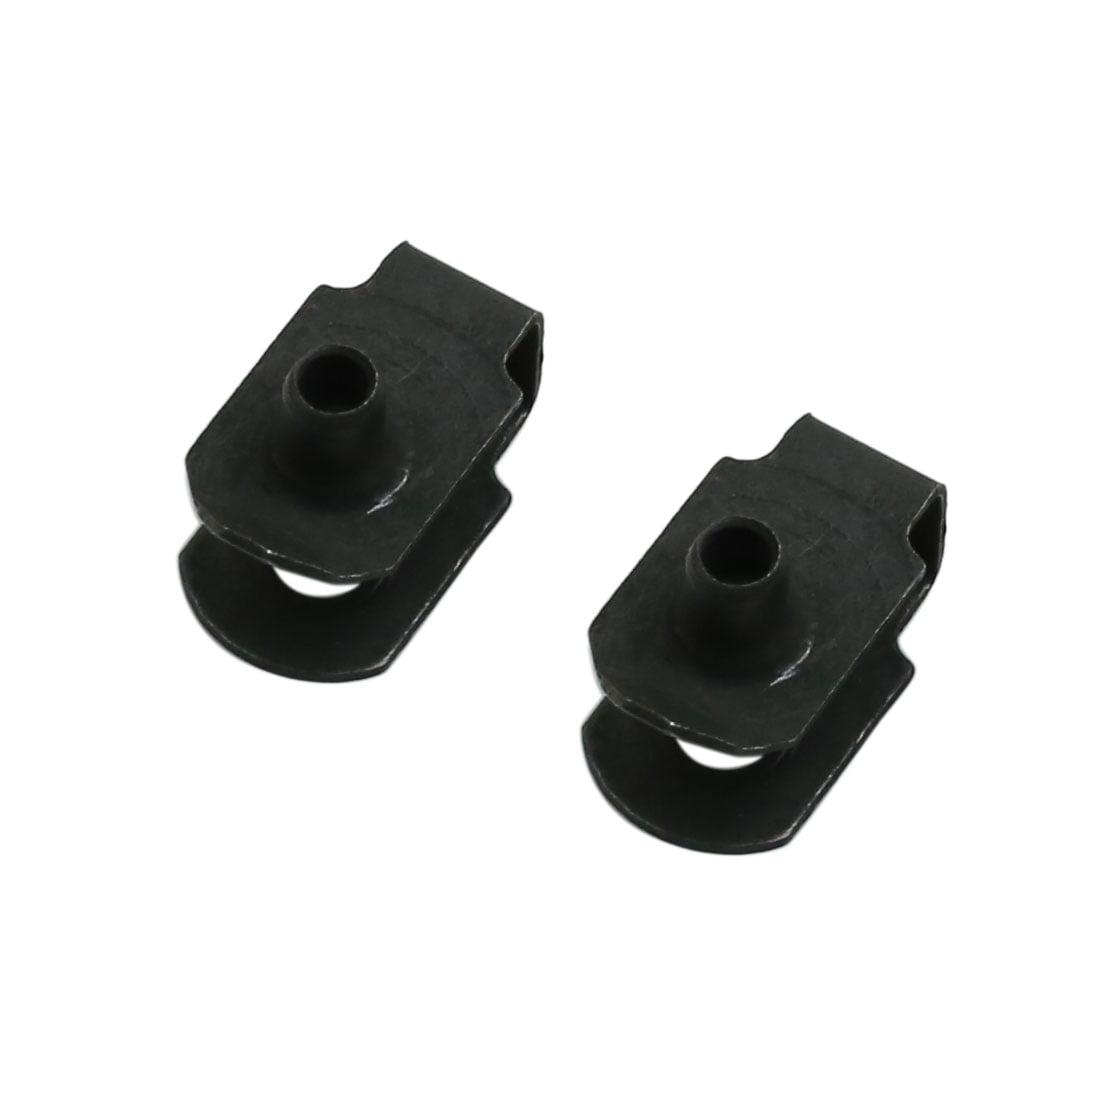 2pcs Black Metal Screws Car Bumper Fender Trim Panel Fixed Rivets Clips - image 3 de 3